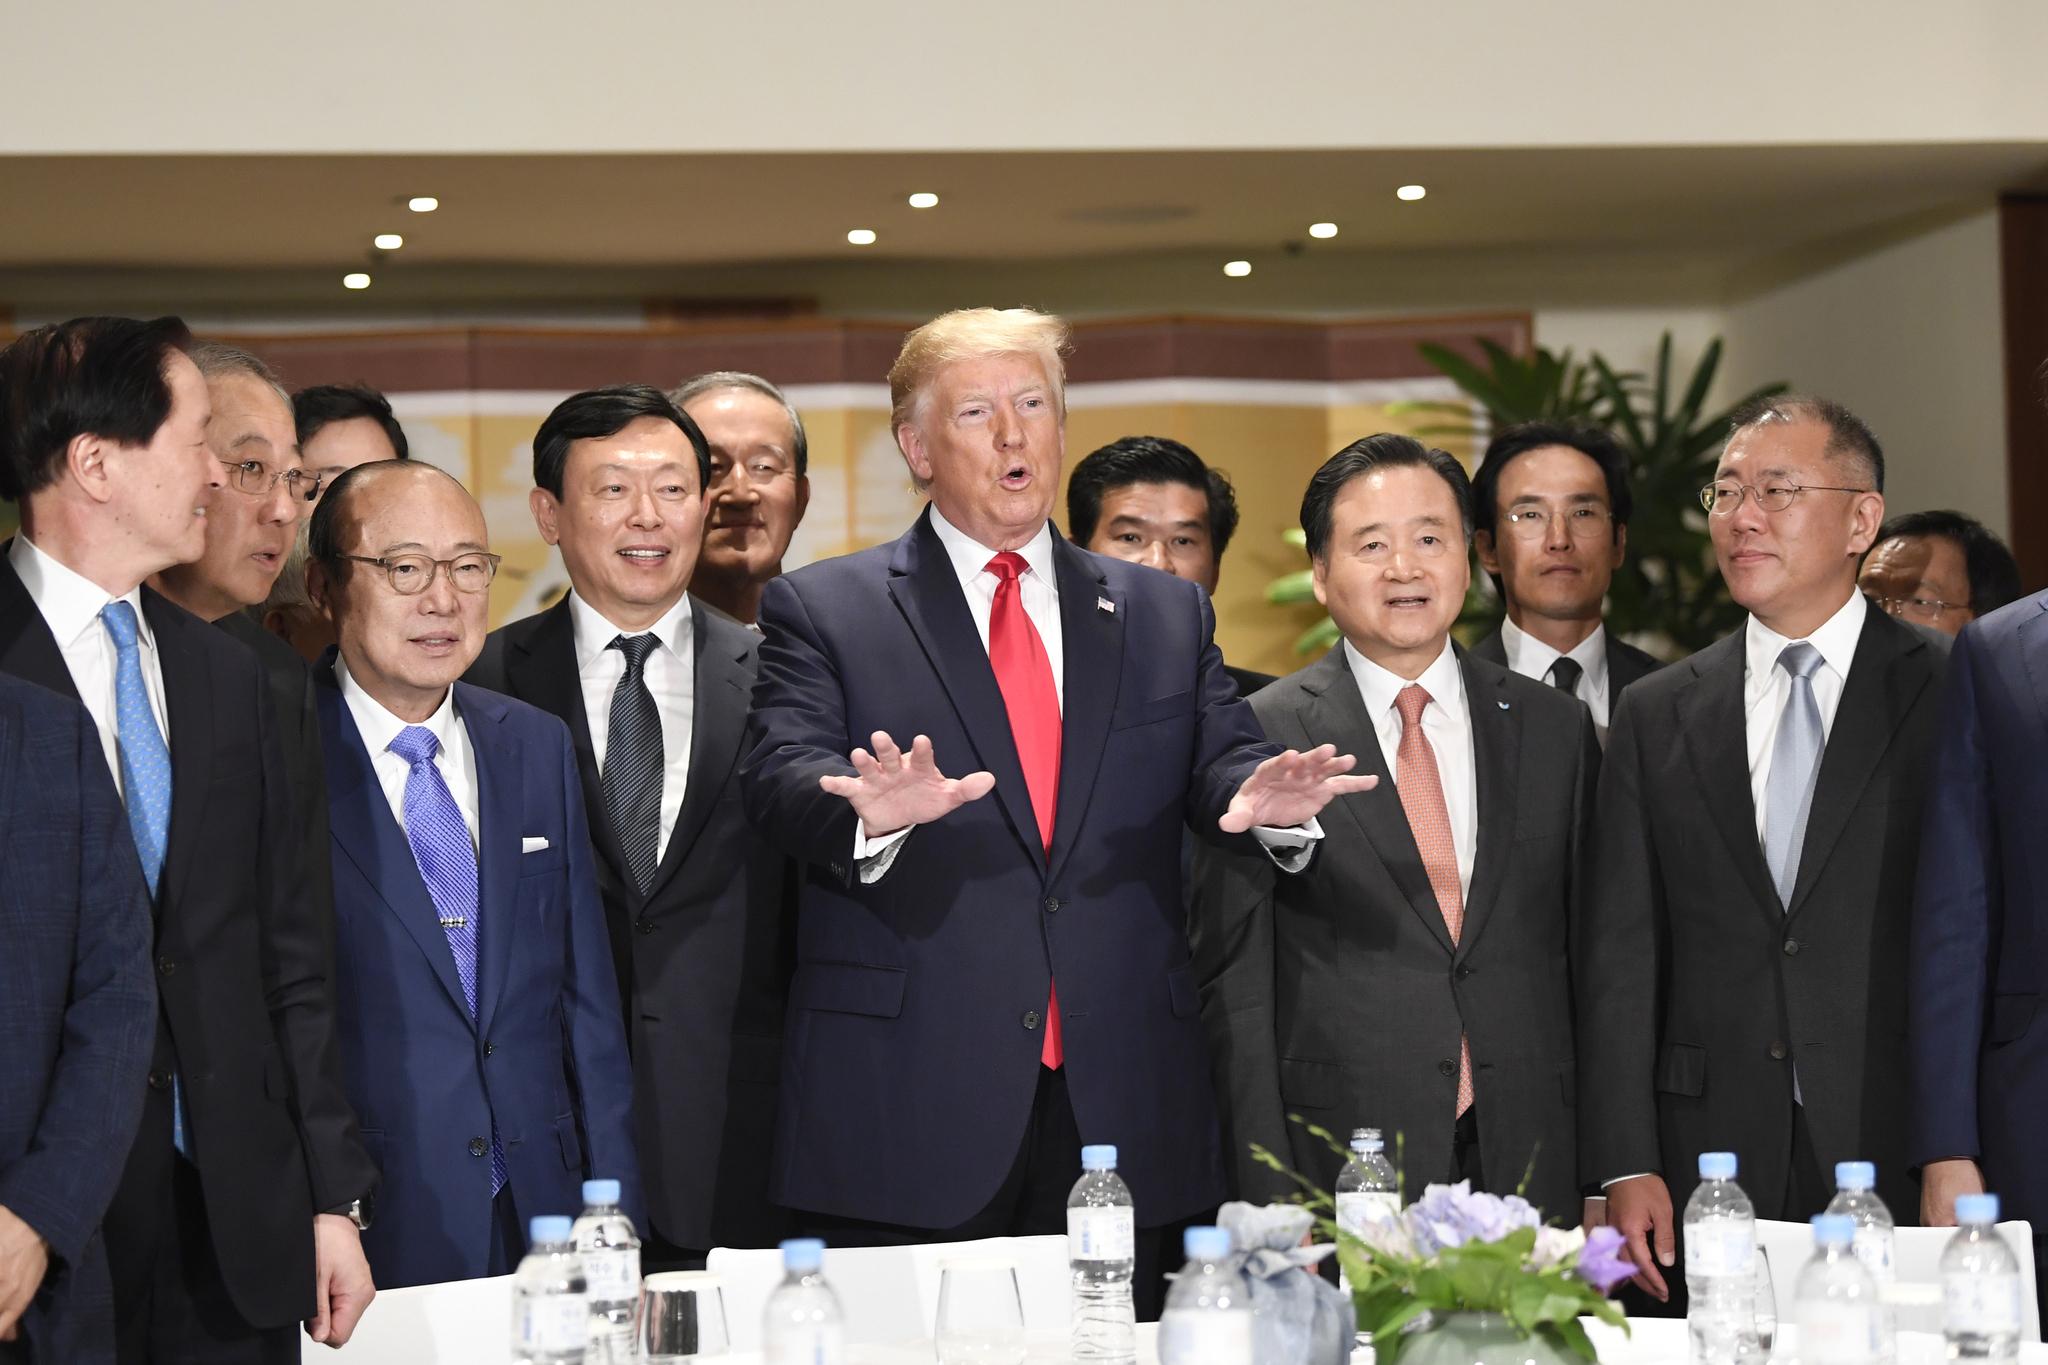 특유의 큰 제스처를 하며 회장들과 대화하고 있는 도널드 트럼프 미국 대통령.[AP=연합뉴스]